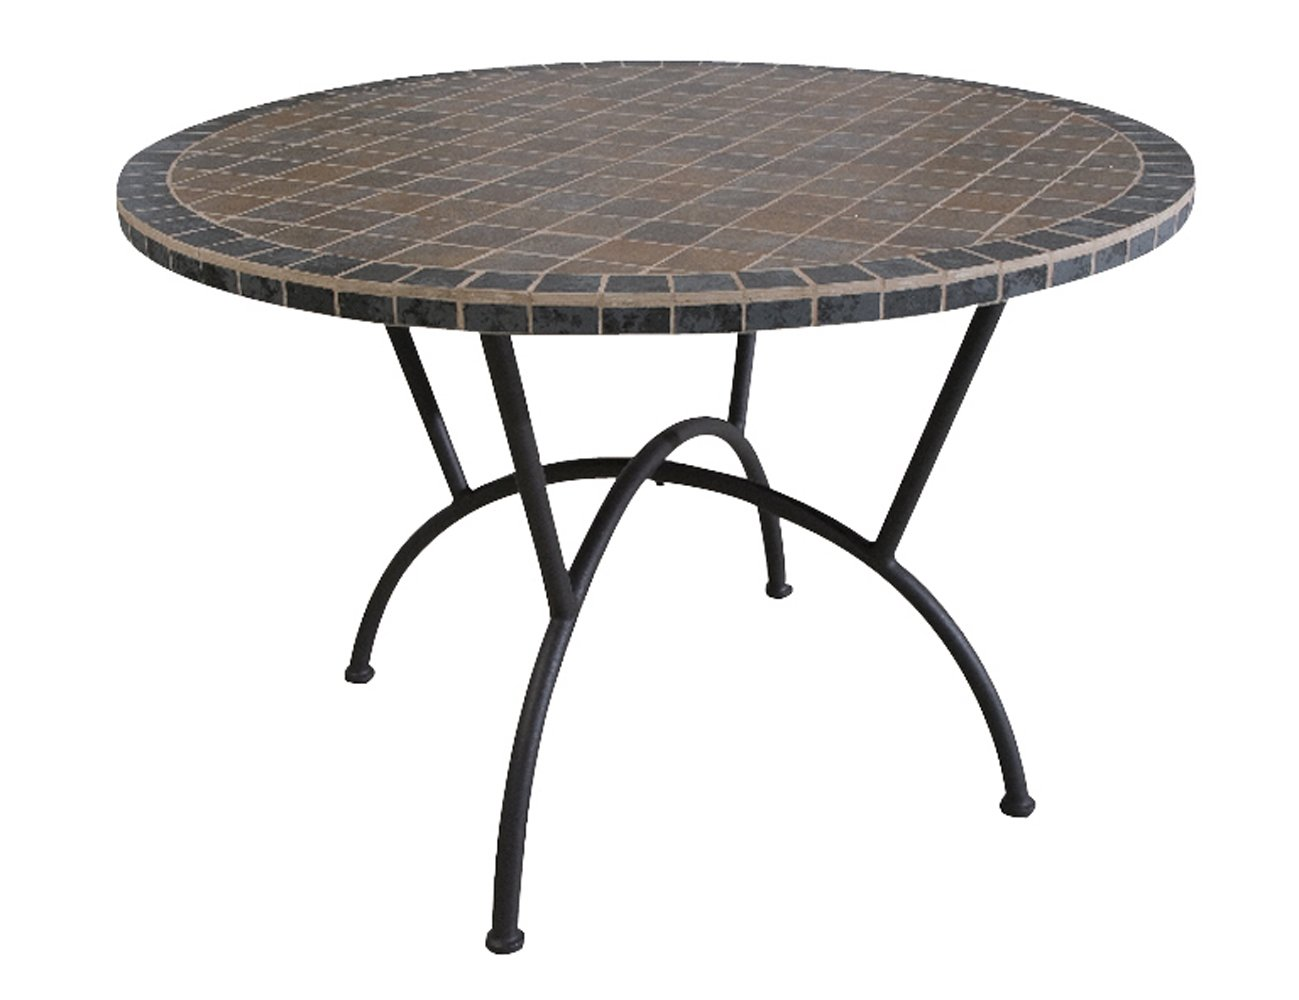 Siena Garden 431288 Tisch Ponza, schwarz, MosaikKeramikoberfläche, Stahlgestell, Ø 110 x H 72, 5 cmKundenberichte und weitere Informationen